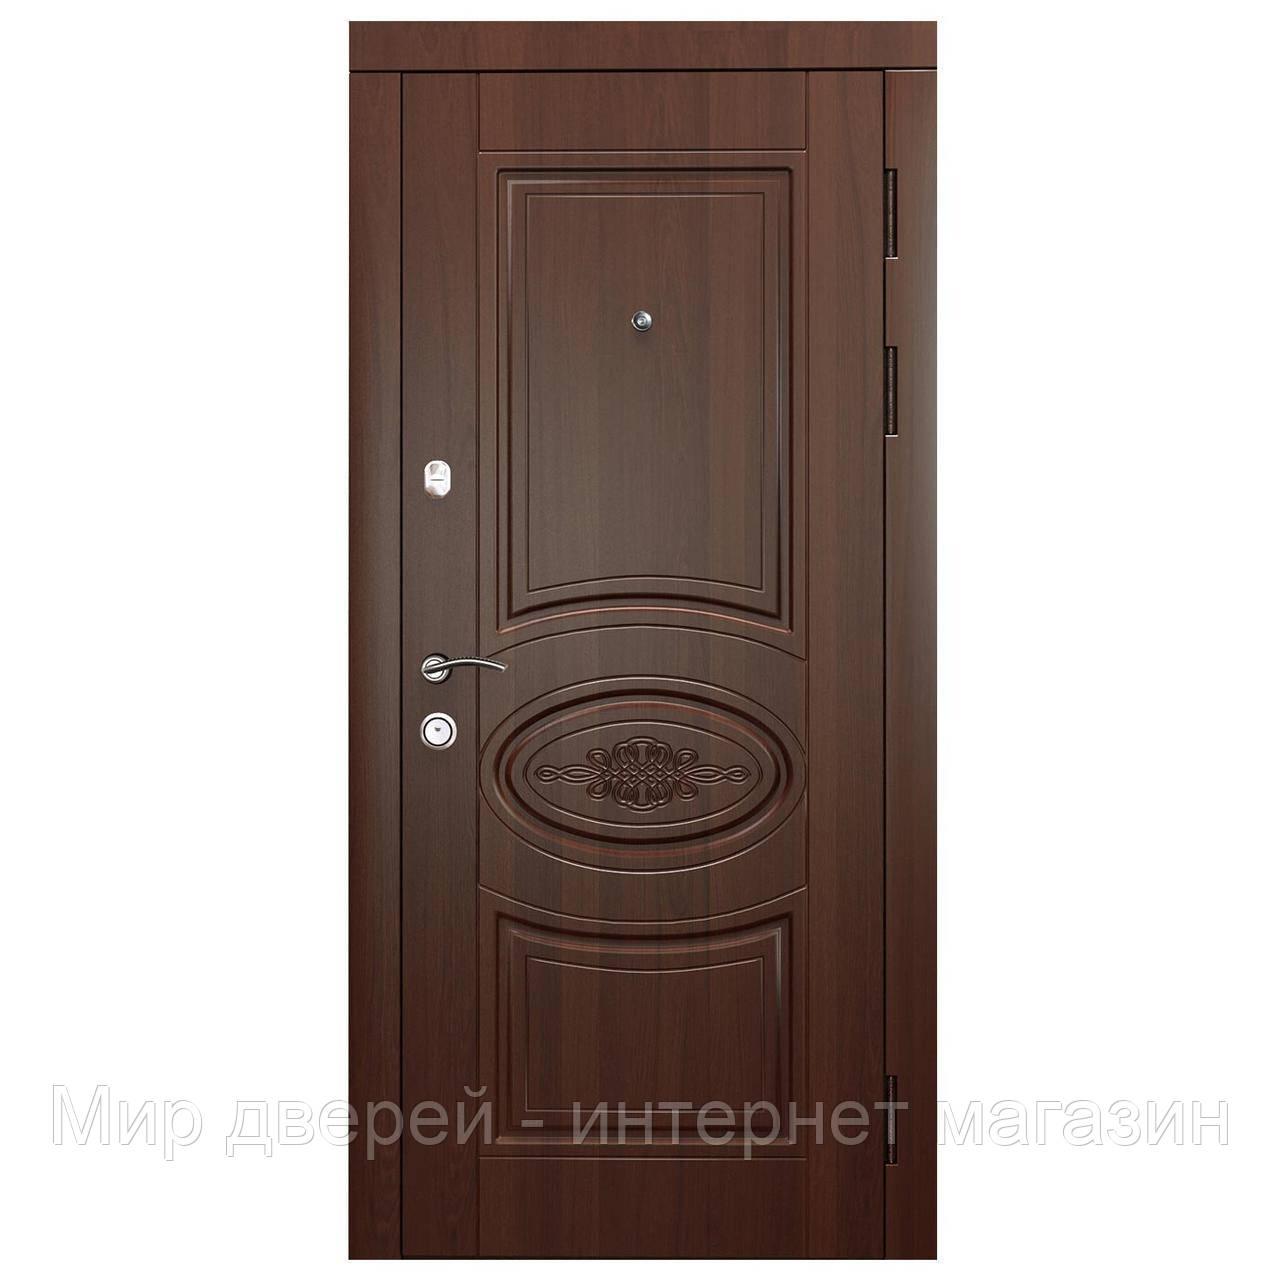 Двери входные KASKAD CLASSIC Вена Премиум 100